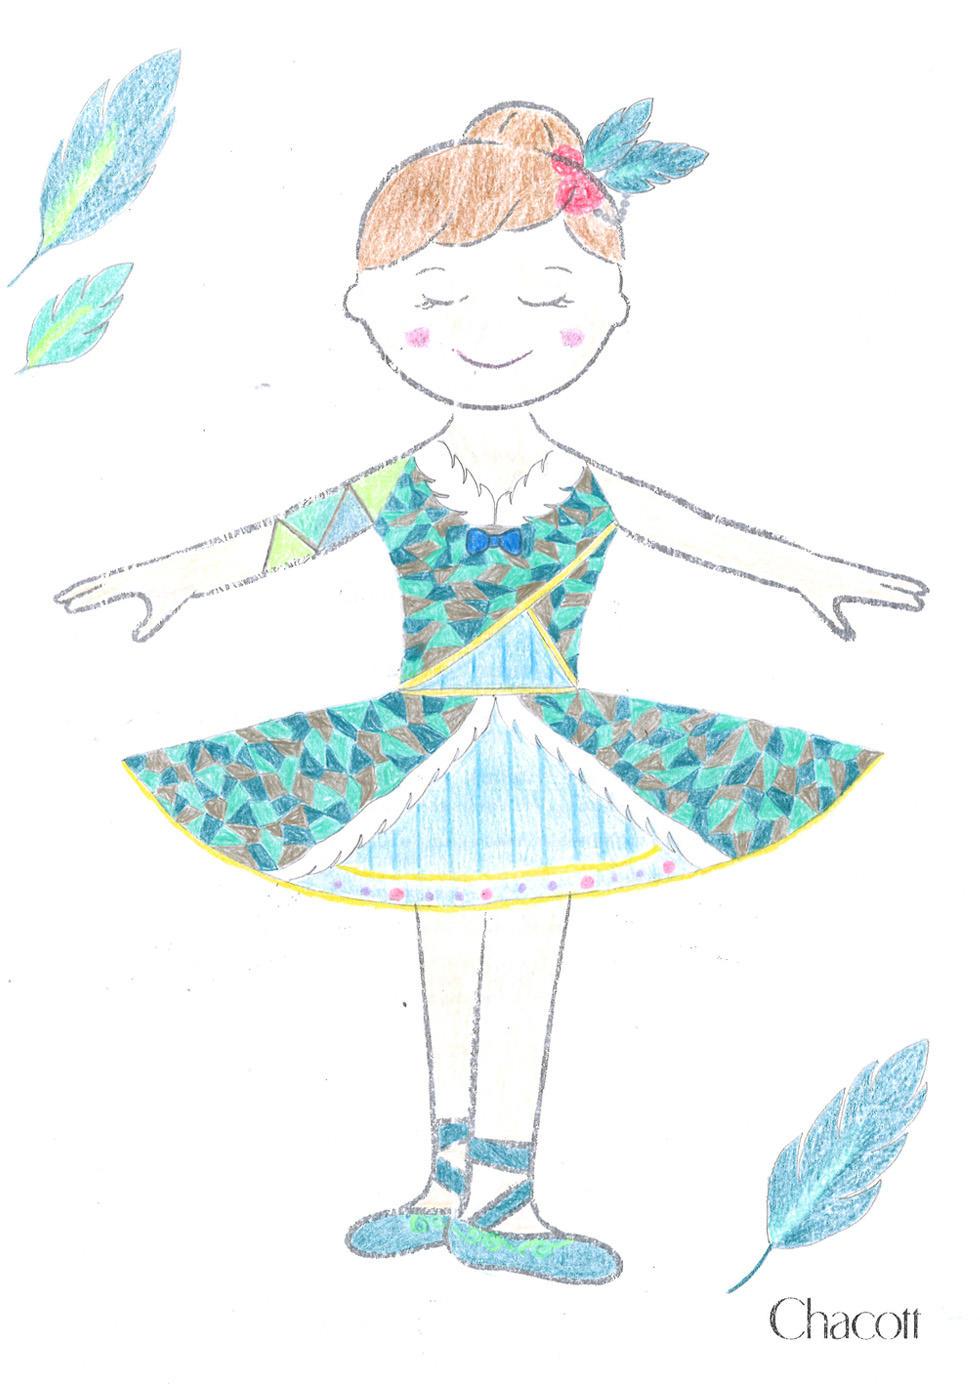 matsuyama_costume_design_2020_013.jpg